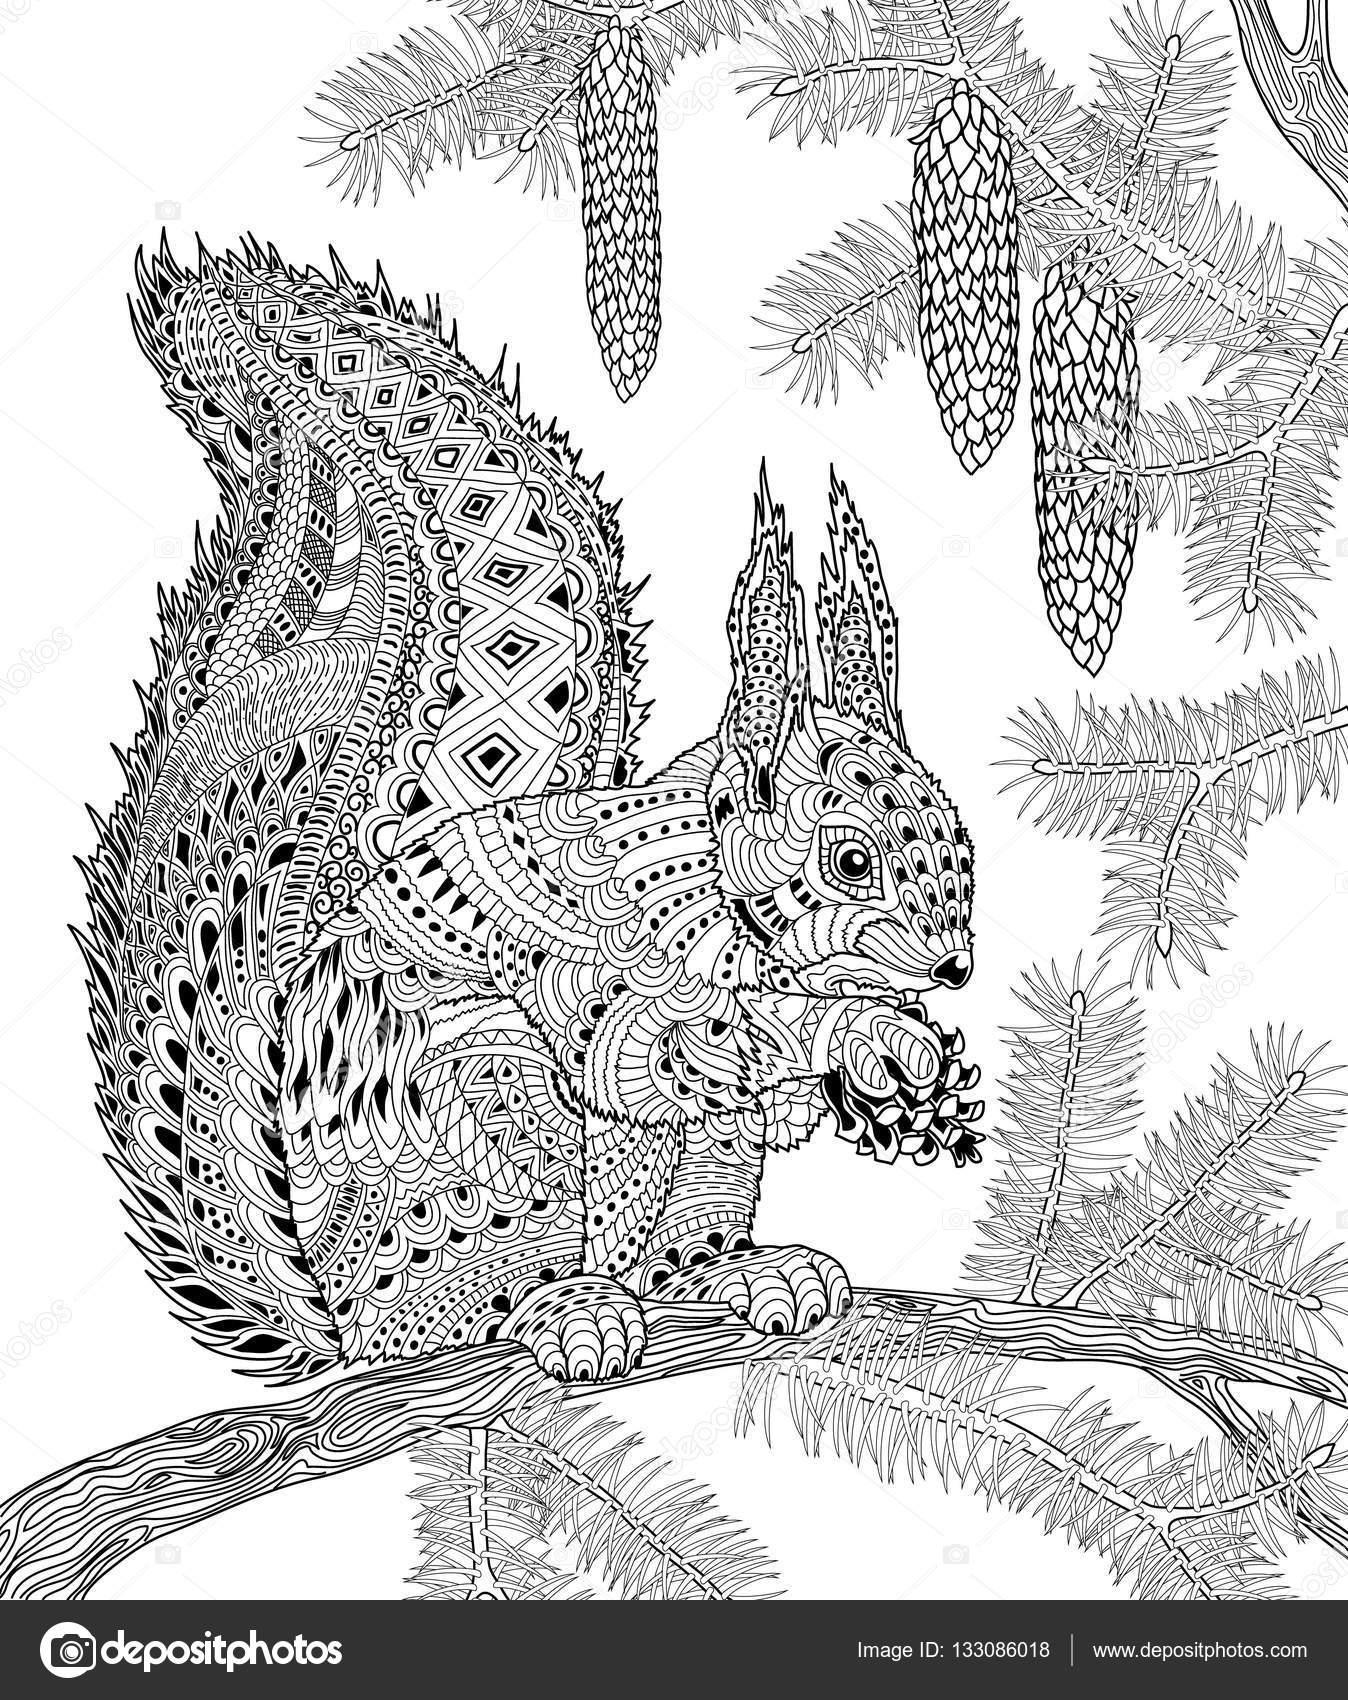 L écureuil pour adulte anti stress Coloring Page — Image vectorielle